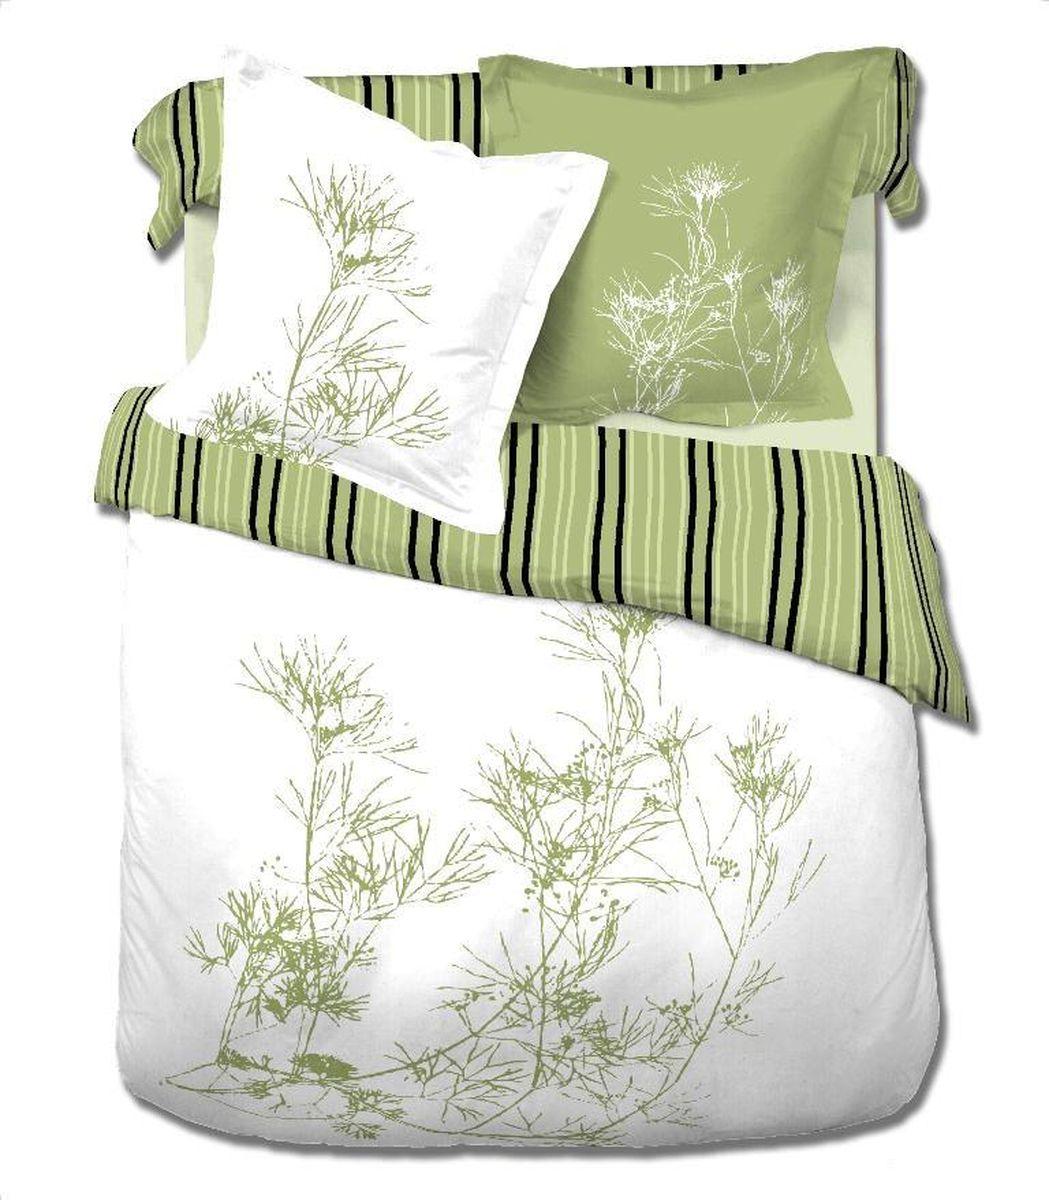 Комплект белья Le Vele Degon, 2-спальный, наволочки 50х70740/85Комплект постельного белья Le Vele Degon, выполненный из сатина (100% хлопка), создан для комфорта и роскоши. Комплект состоит из пододеяльника, простыни и 4 наволочек. Постельное белье оформлено оригинальным рисунком. Пододеяльник застегивается на кнопки, что позволяет одеялу не выпадать из него. Сатин - хлопчатобумажная ткань полотняного переплетения, одна из самых красивых, прочных и приятных телу тканей, изготовленных из натурального волокна. Благодаря своей шелковистости и блеску сатин называют хлопковым шелком.